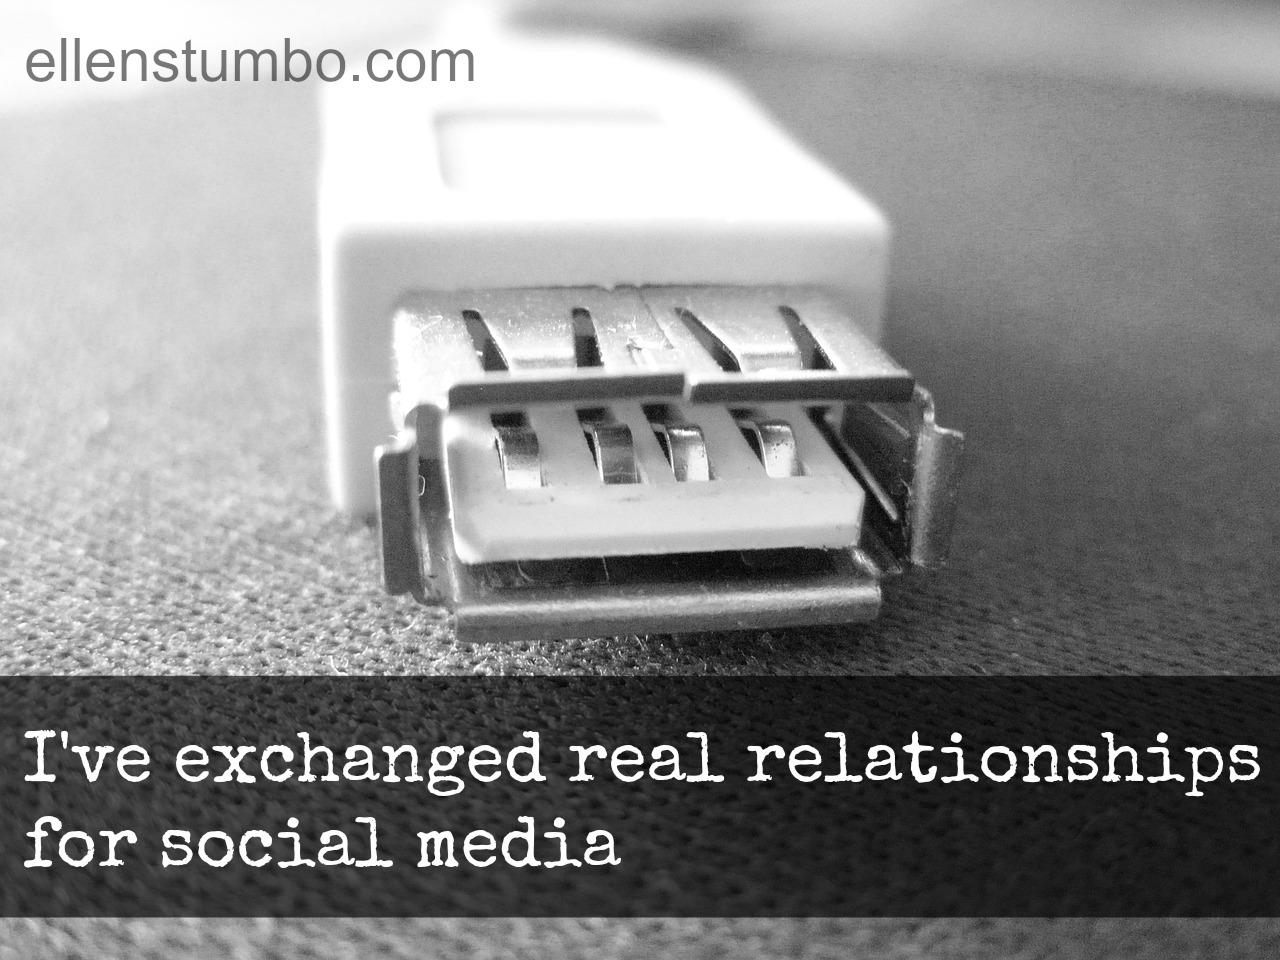 I've exchanged real relationships for social media